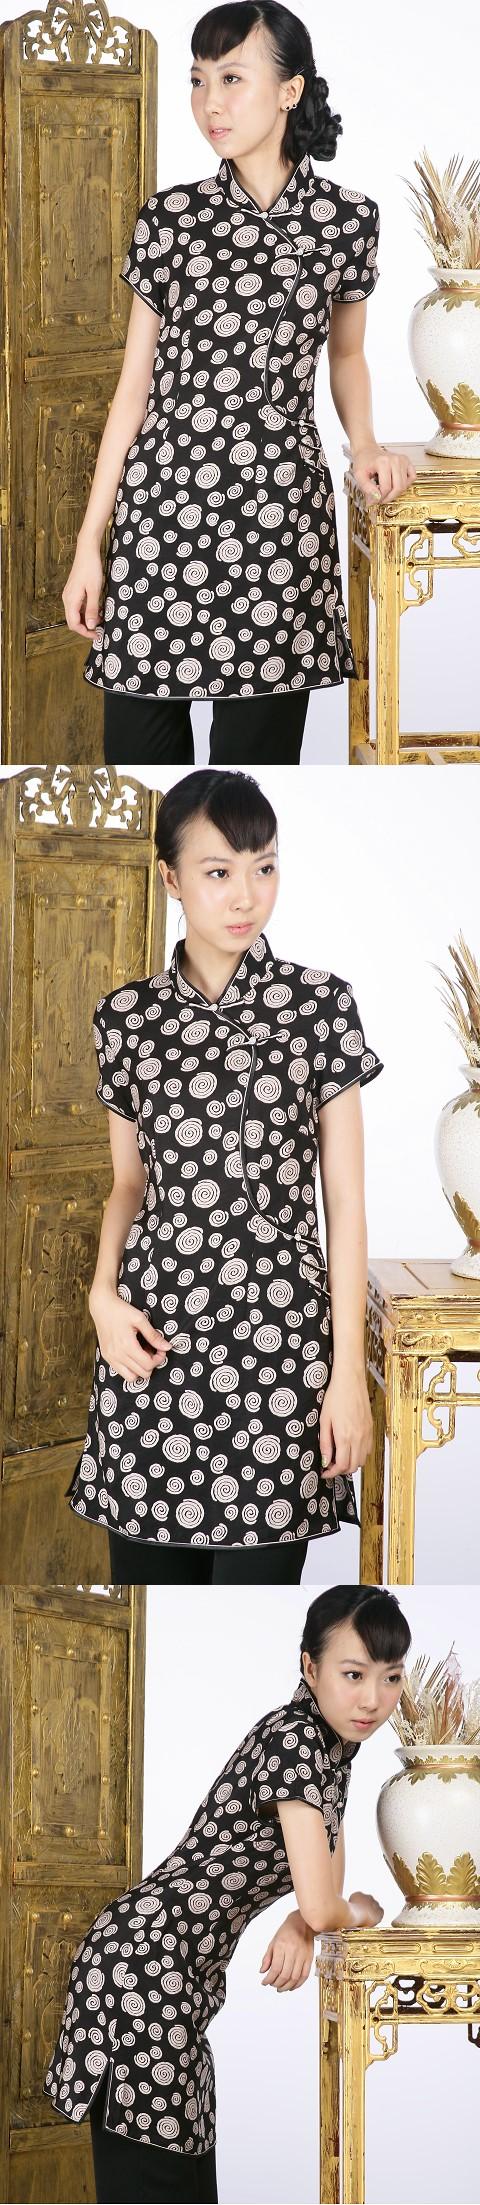 印花短袖短旗袍(黑色)